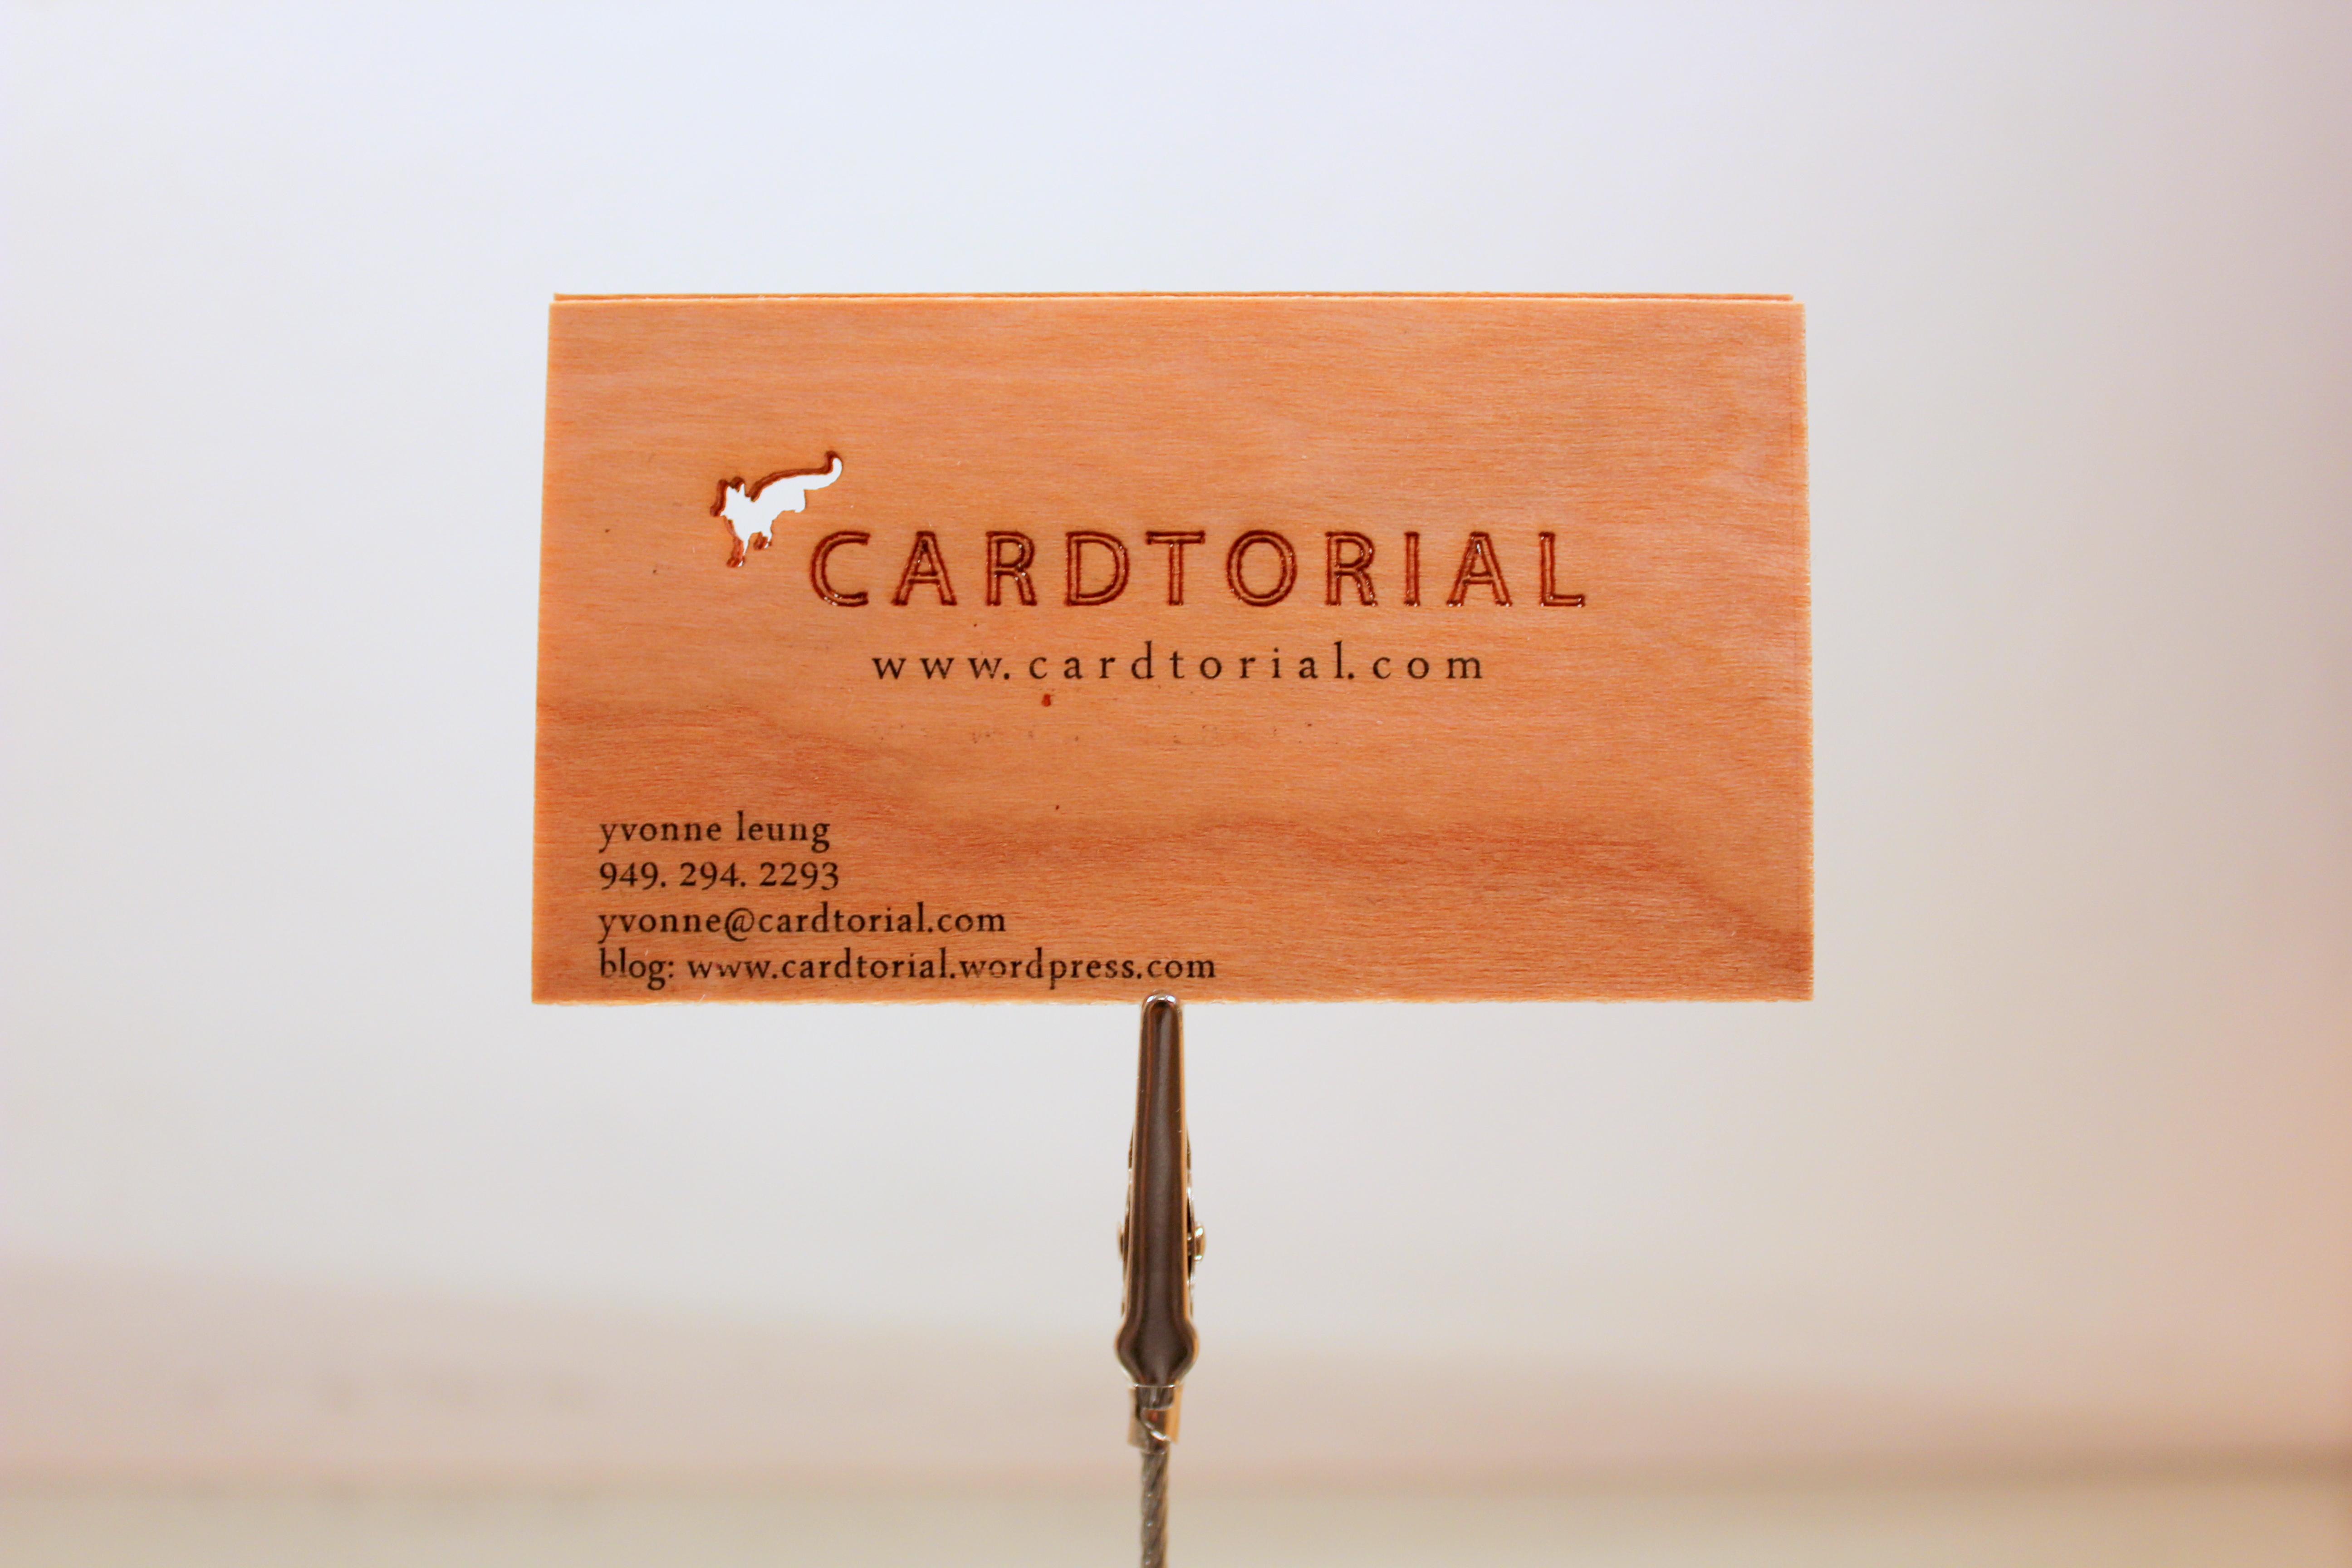 Cardtorial Wood Veneer, Laser Cut Business Cards!